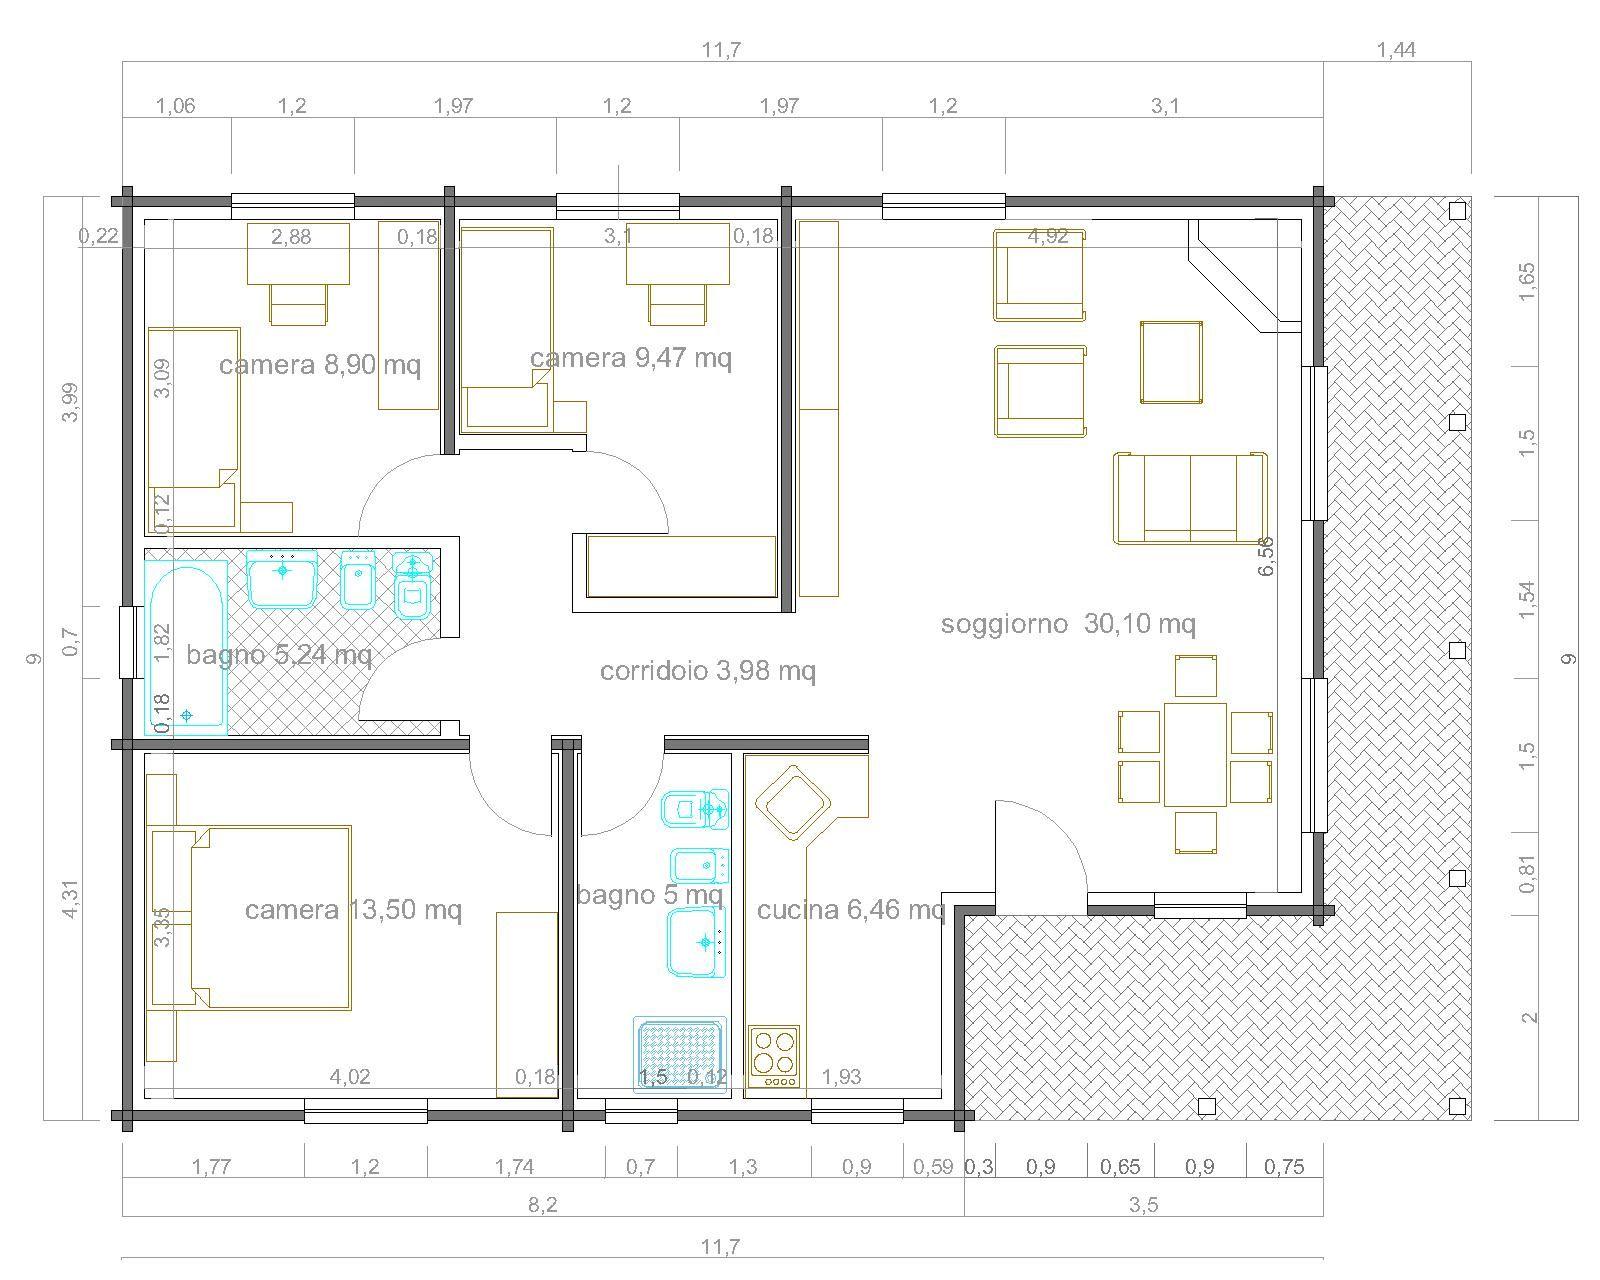 Appartamento 100 Mq Planimetria Cerca Con Google Planimetrie Case Prefabbricate Appartamento